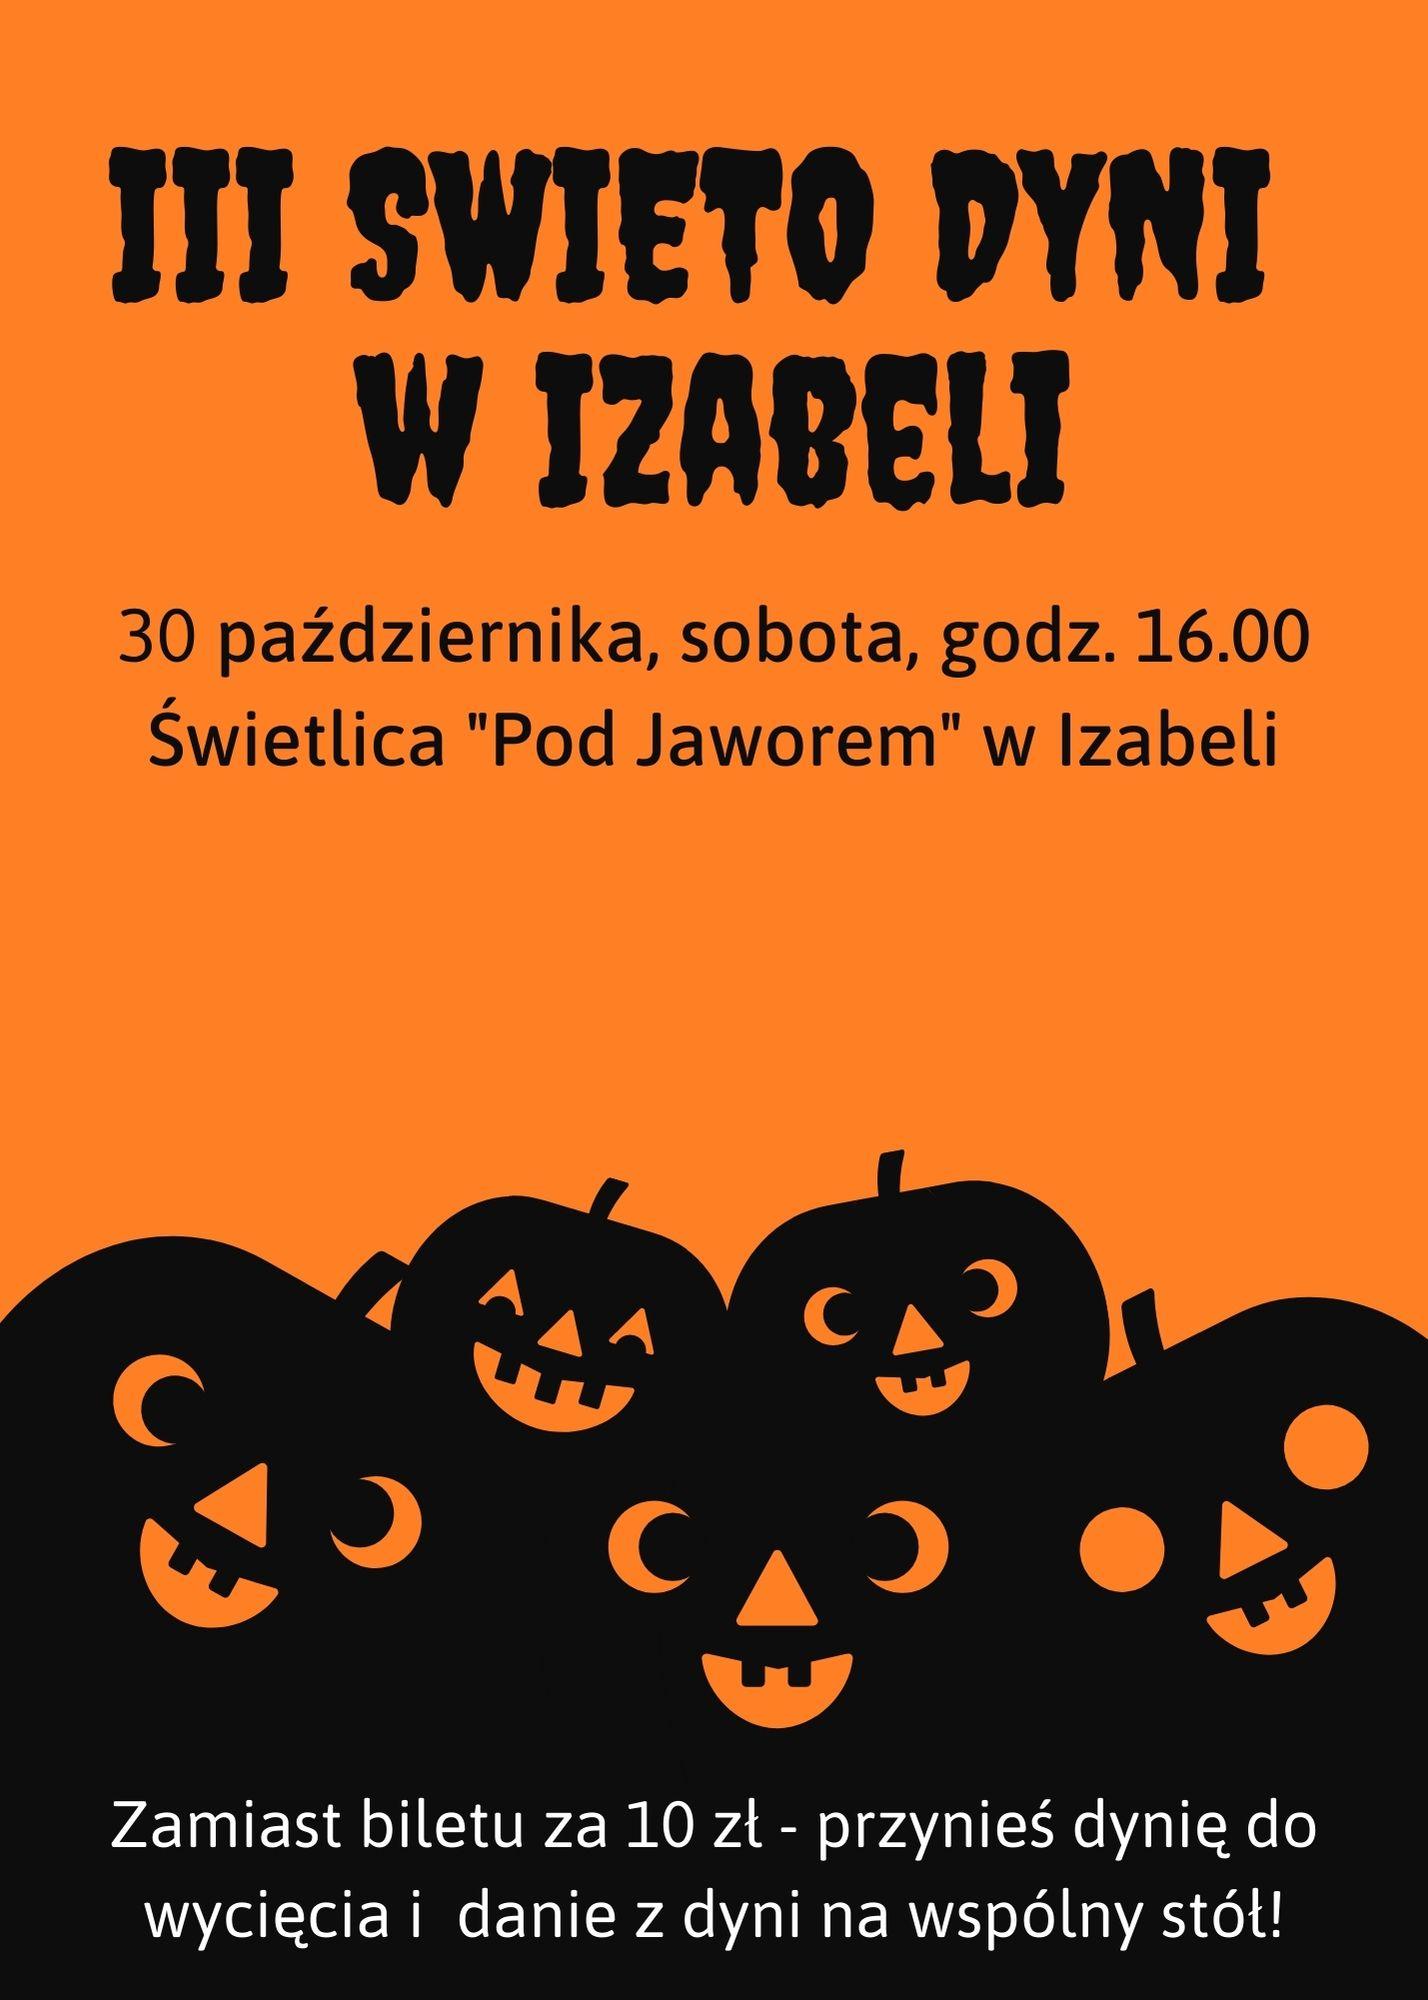 Plakat - zaproszenie na święto dyni w świetlicy w Izabeli 30 października o godz 16.00